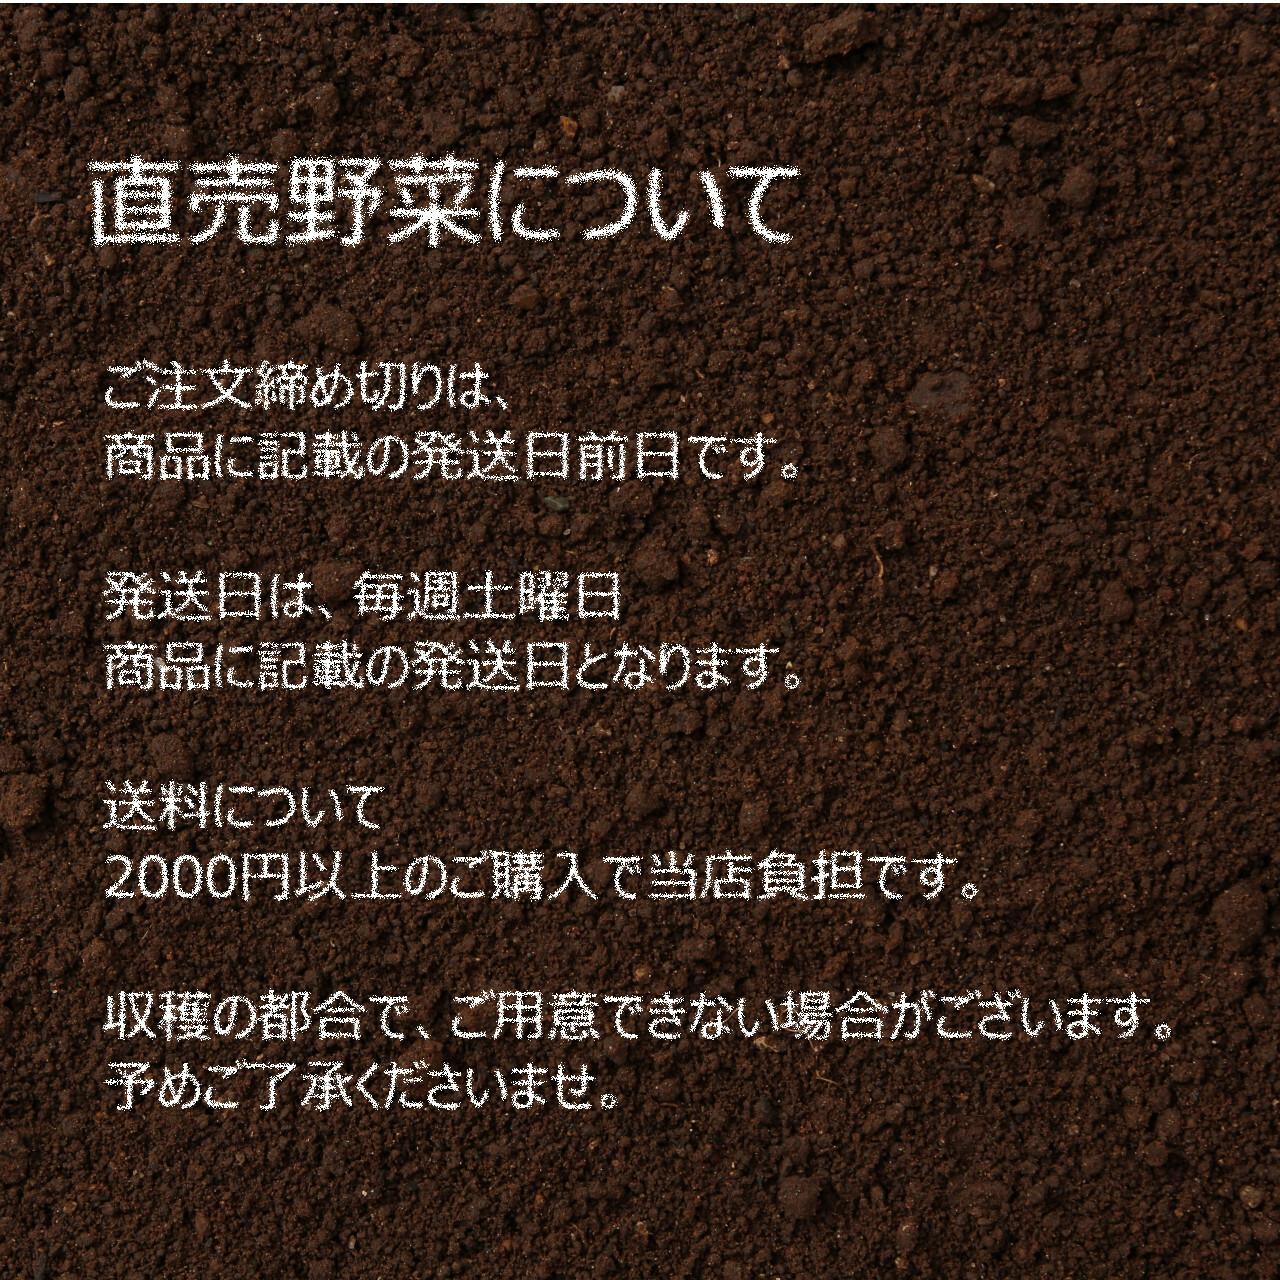 6月の朝採り直売野菜  : ニンジン 約400g 春の新鮮野菜 6月13日発送予定